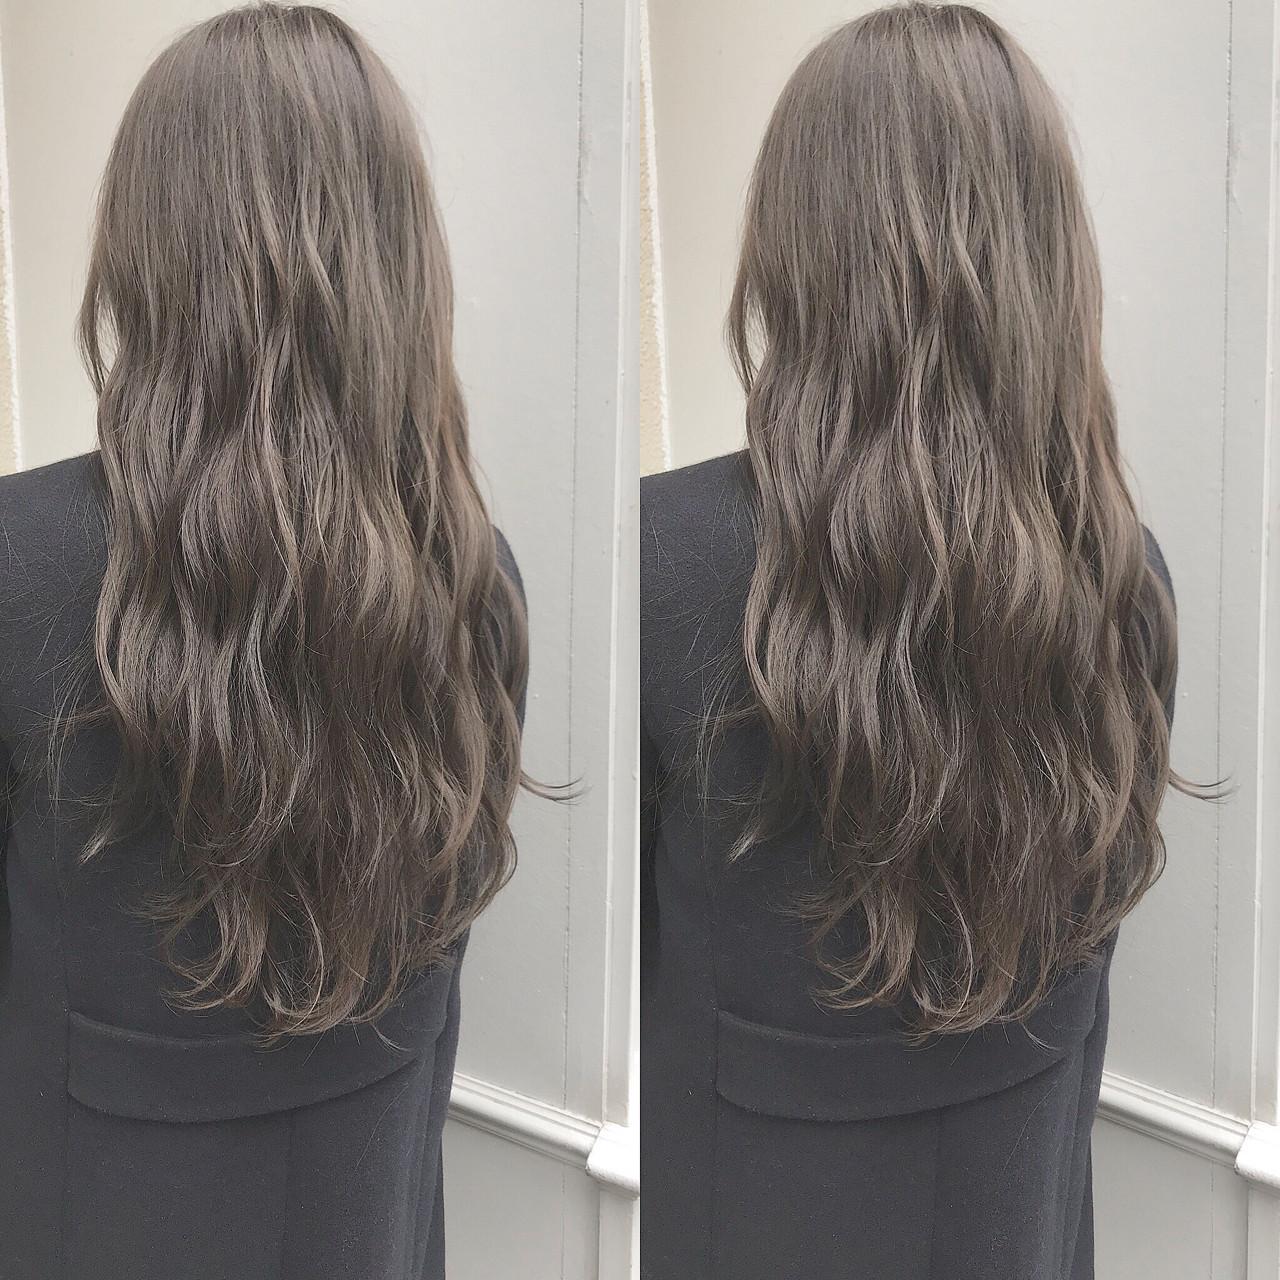 アッシュ 透明感 外国人風 グレージュ ヘアスタイルや髪型の写真・画像 | SHUN / NOE SALON